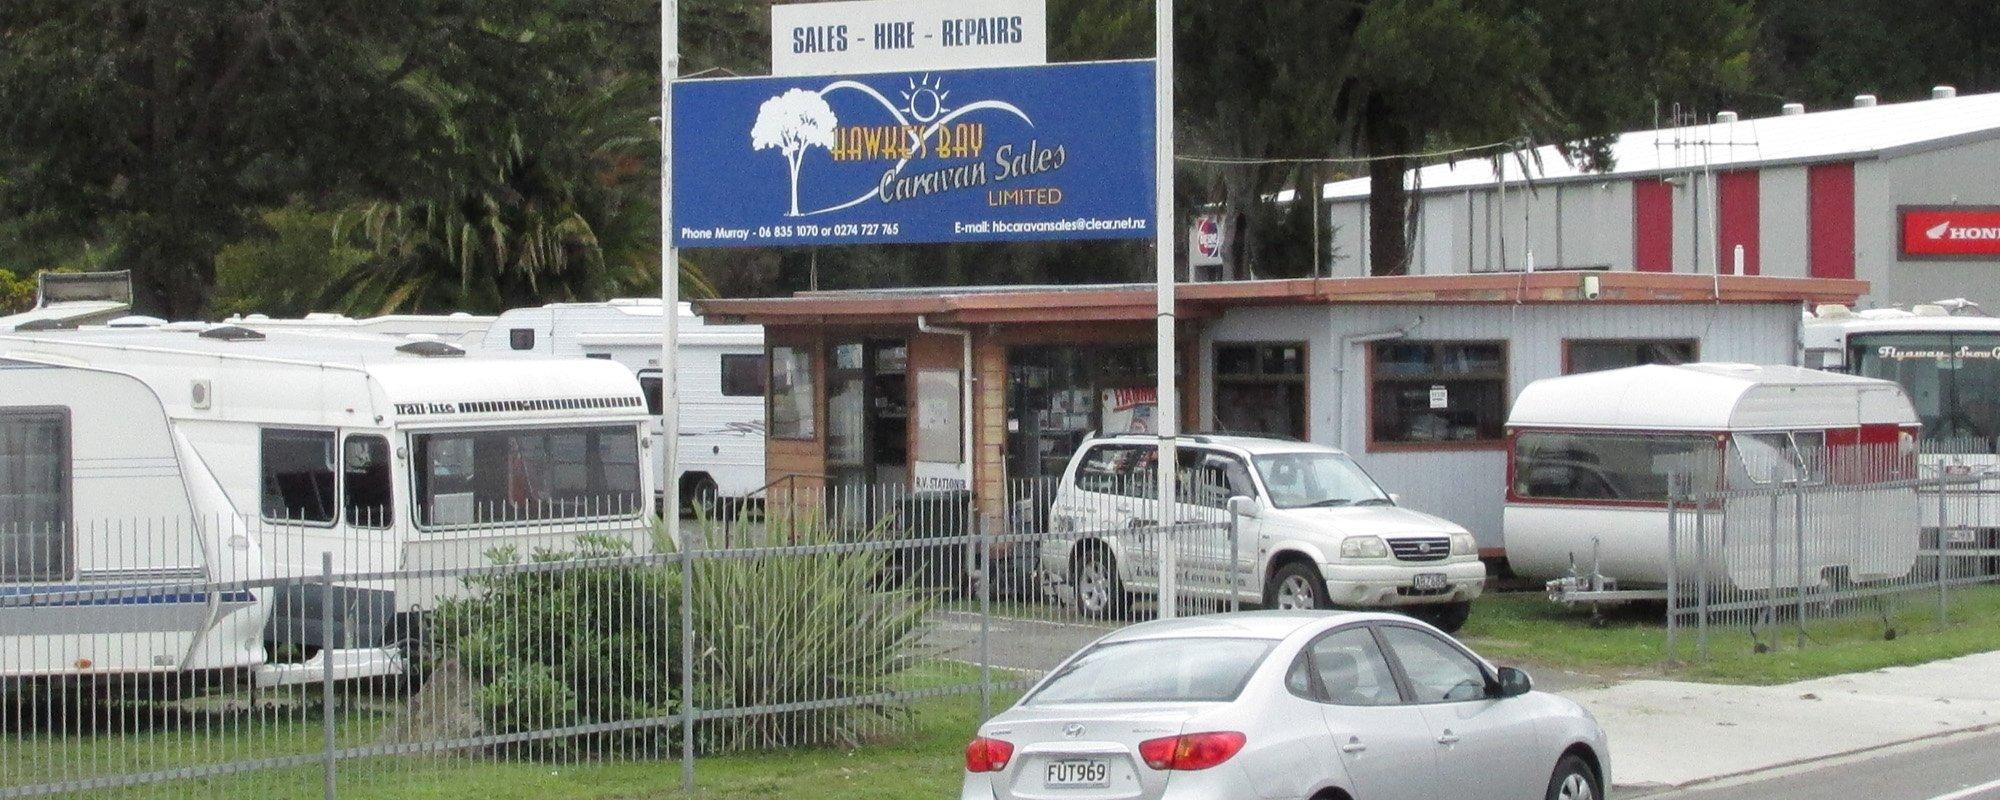 Hawke's Bay Caravan Sales | Caravans | Napier, NZ